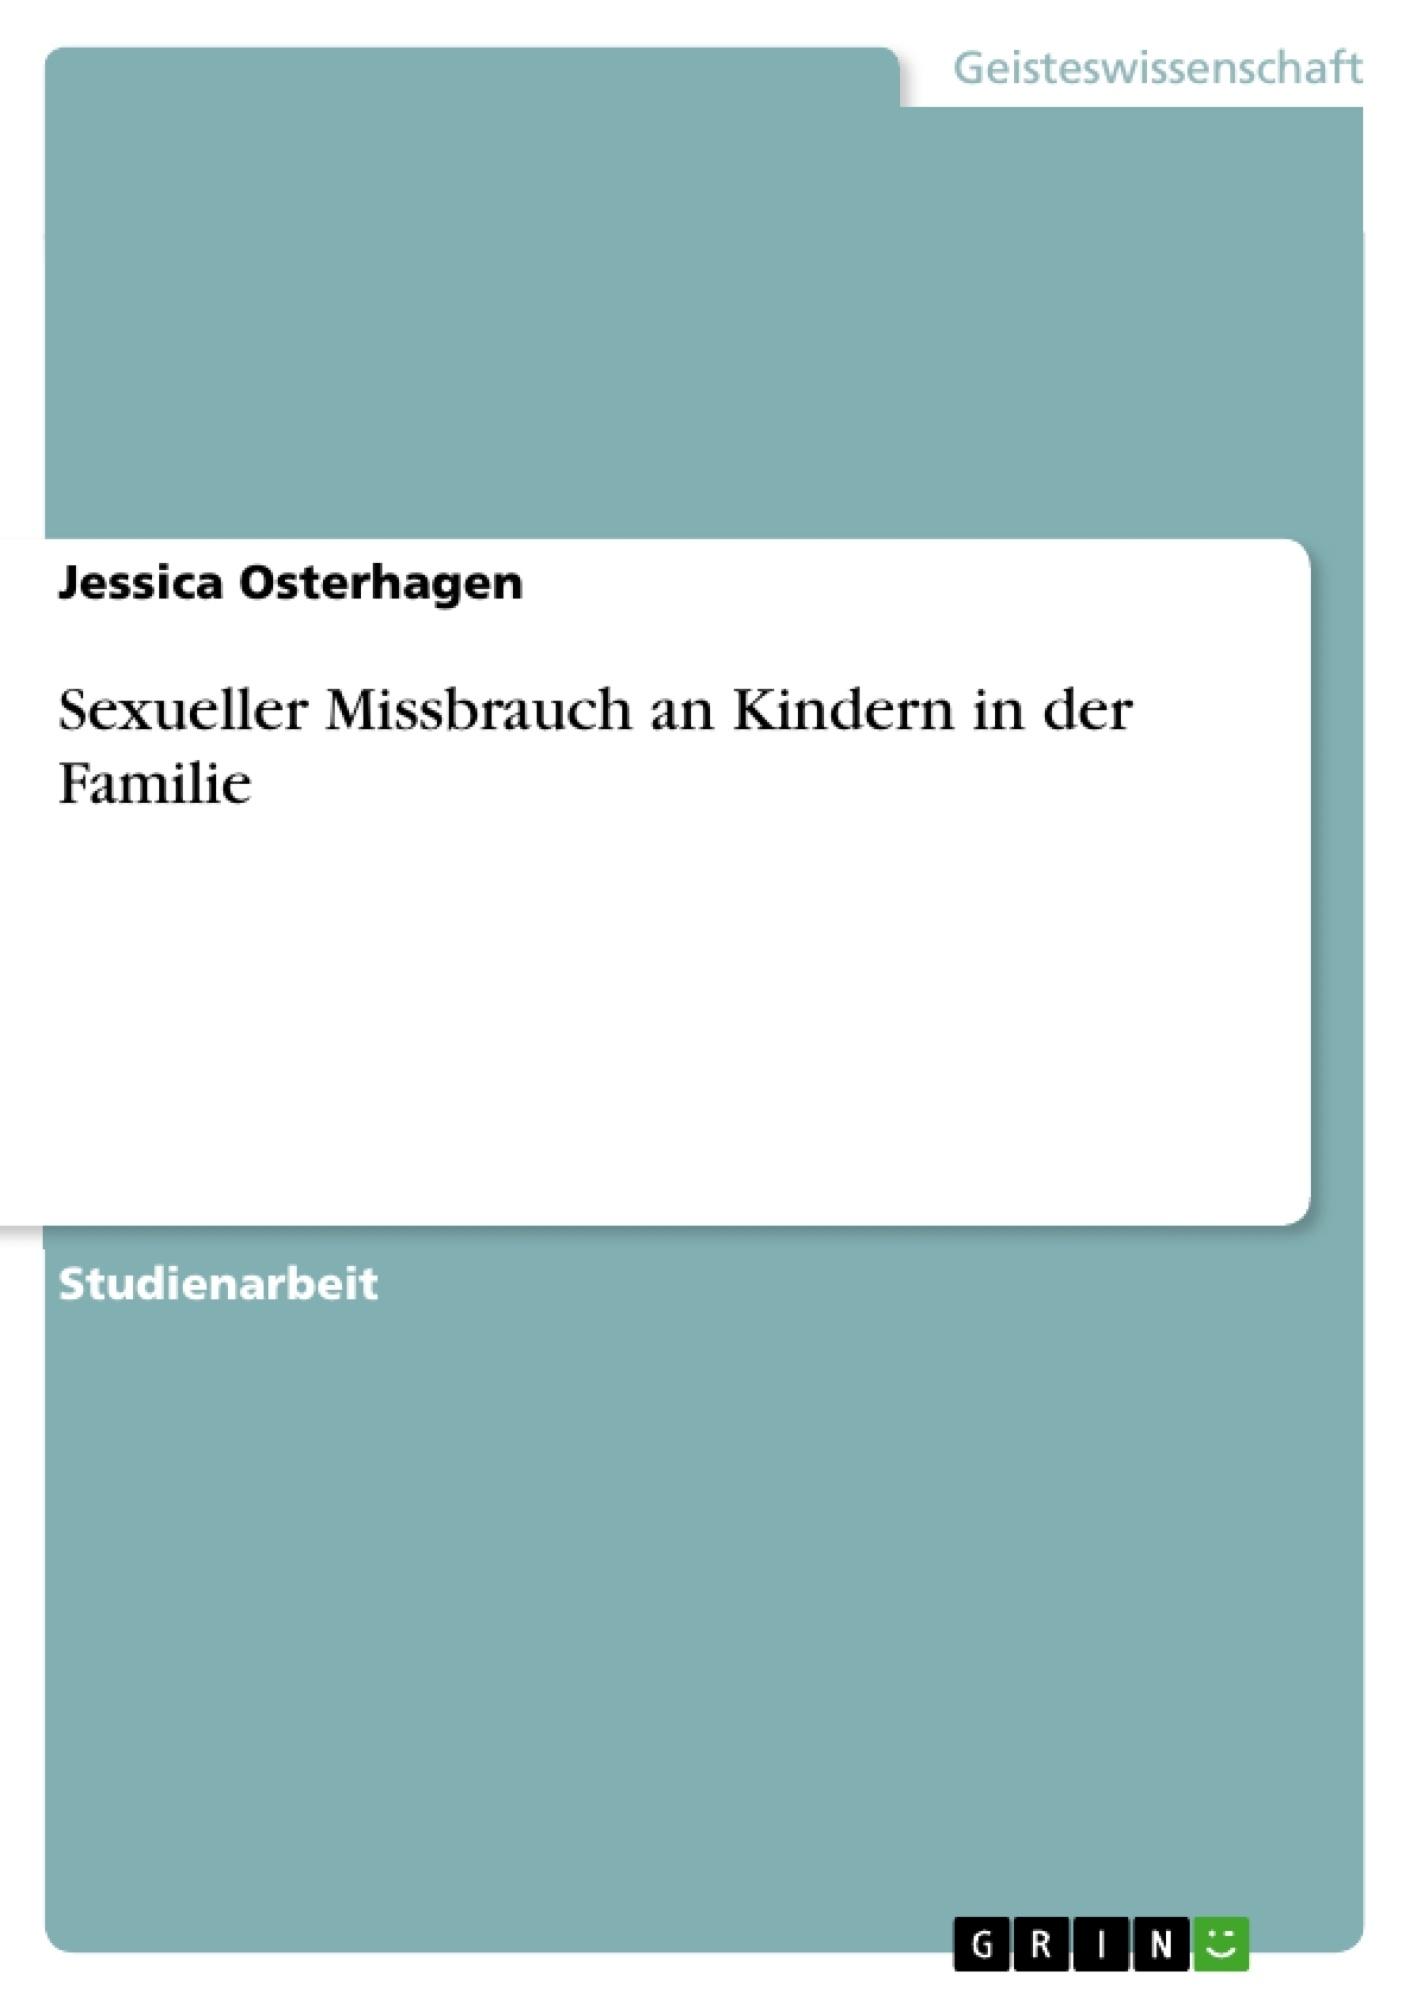 Titel: Sexueller Missbrauch an Kindern in der Familie